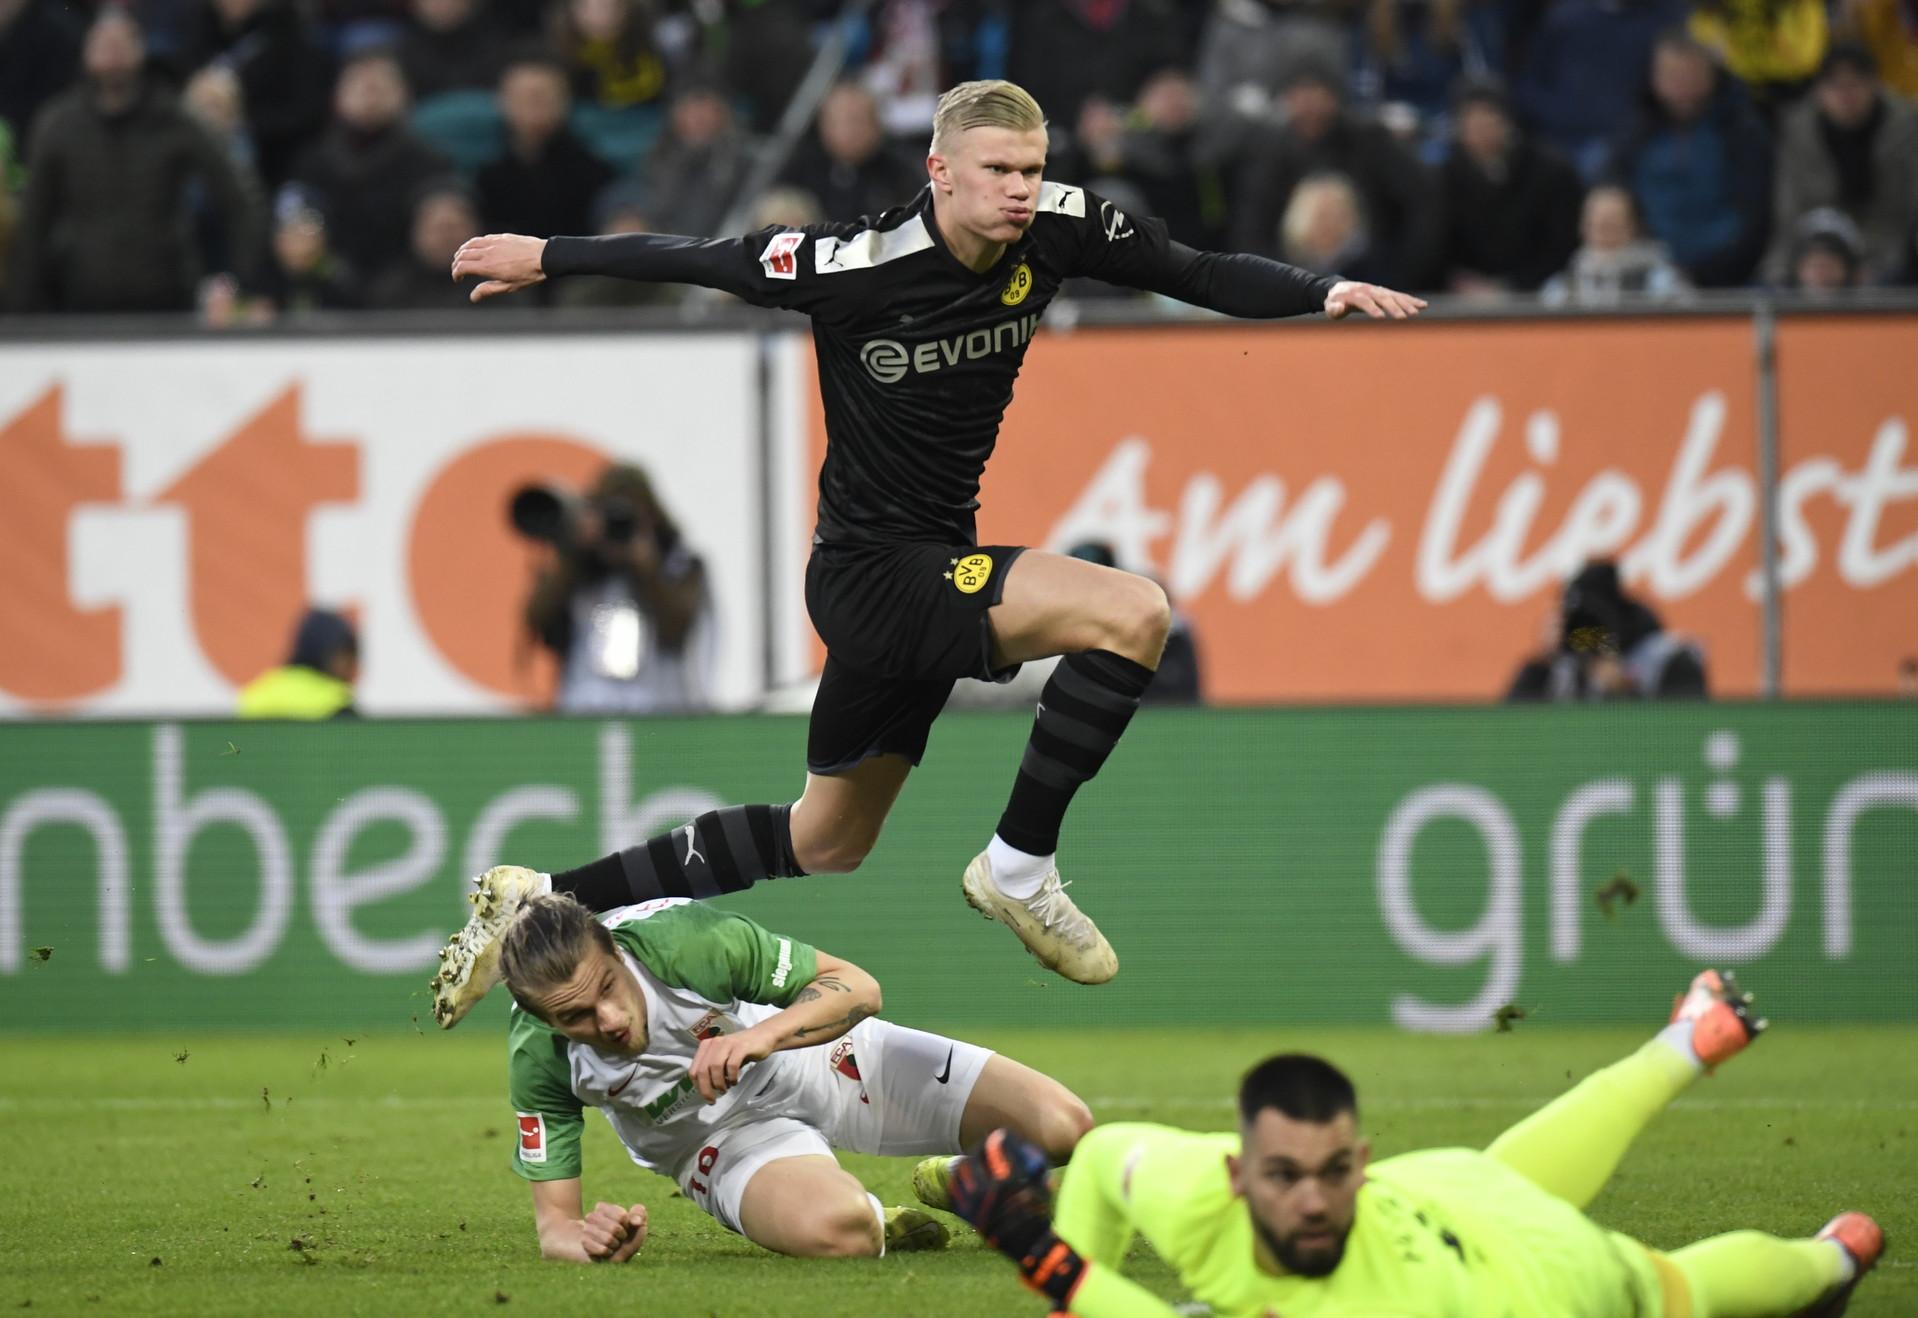 L'attaccante del Borussia Dortmund continua la propria stagione magica anche con la nuova maglia. All'esordio in Bundesliga in giallonero, ent...